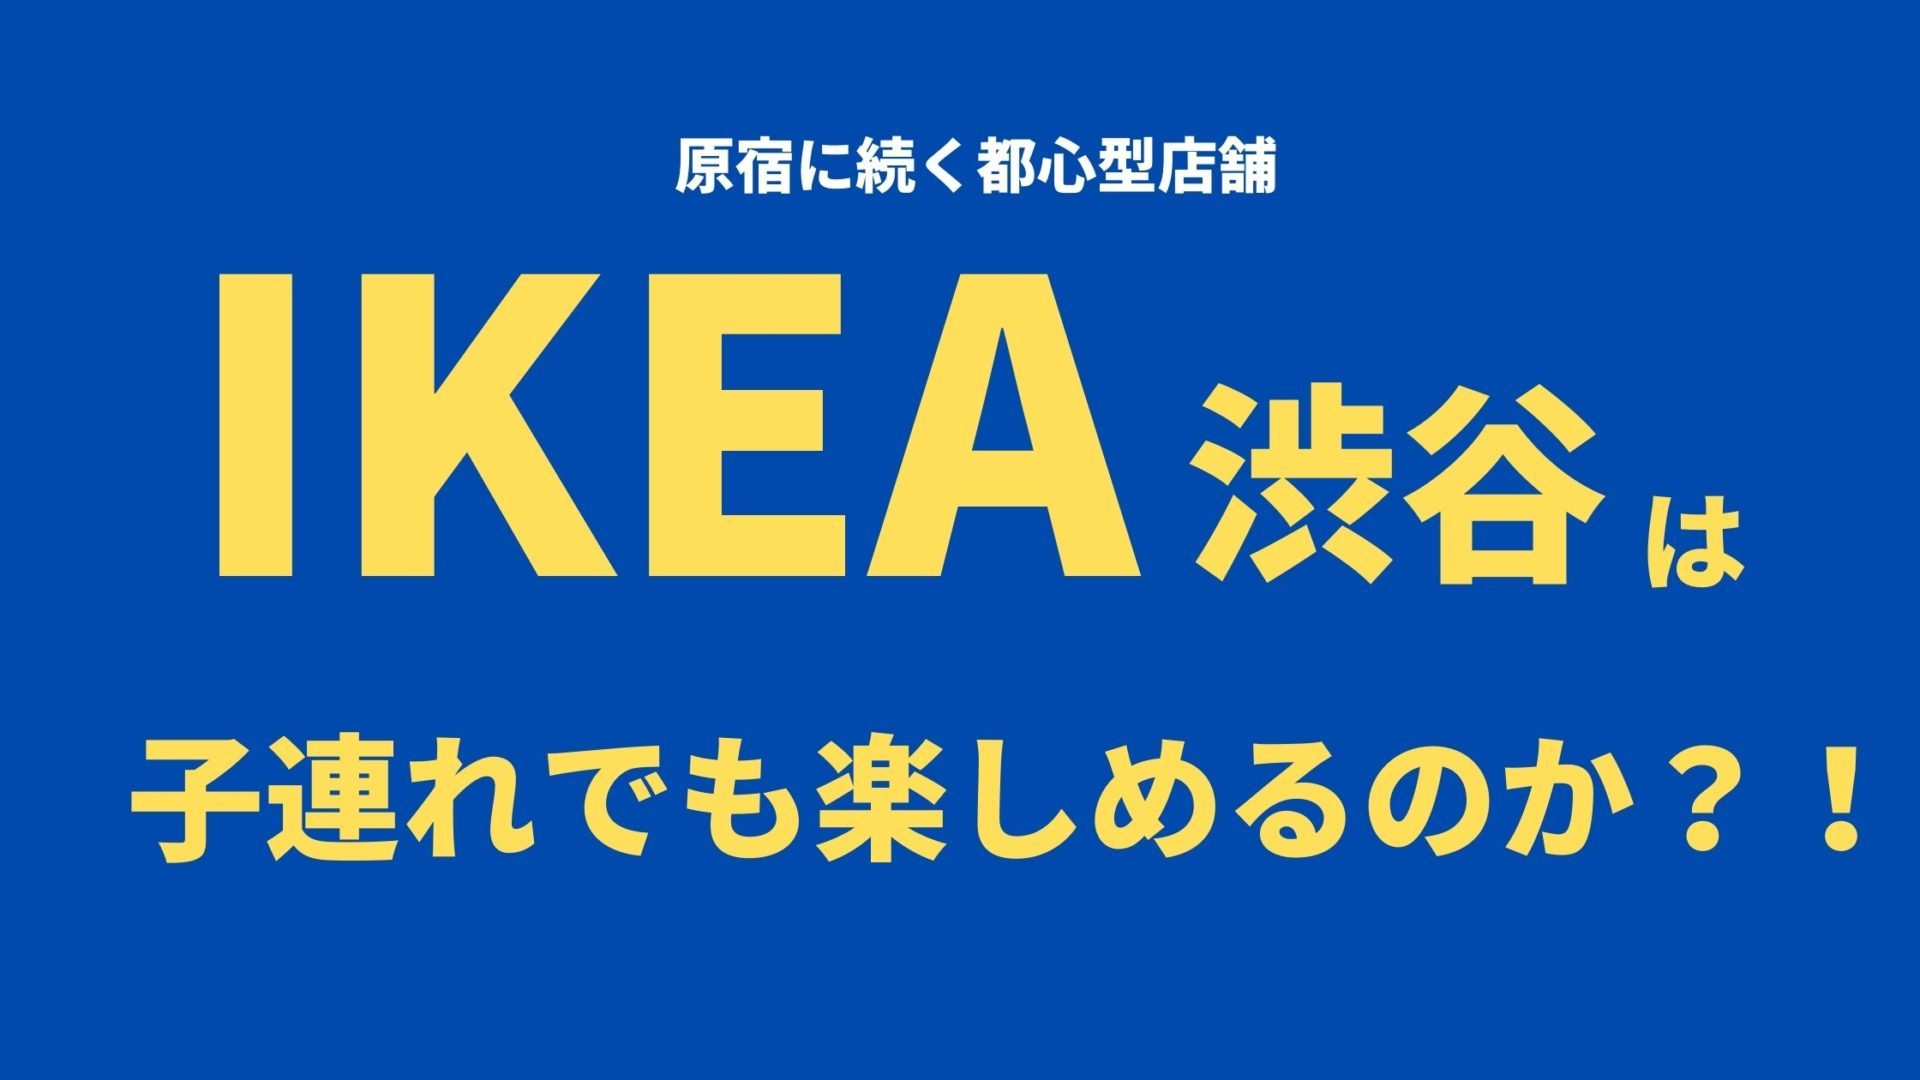 IKEA渋谷